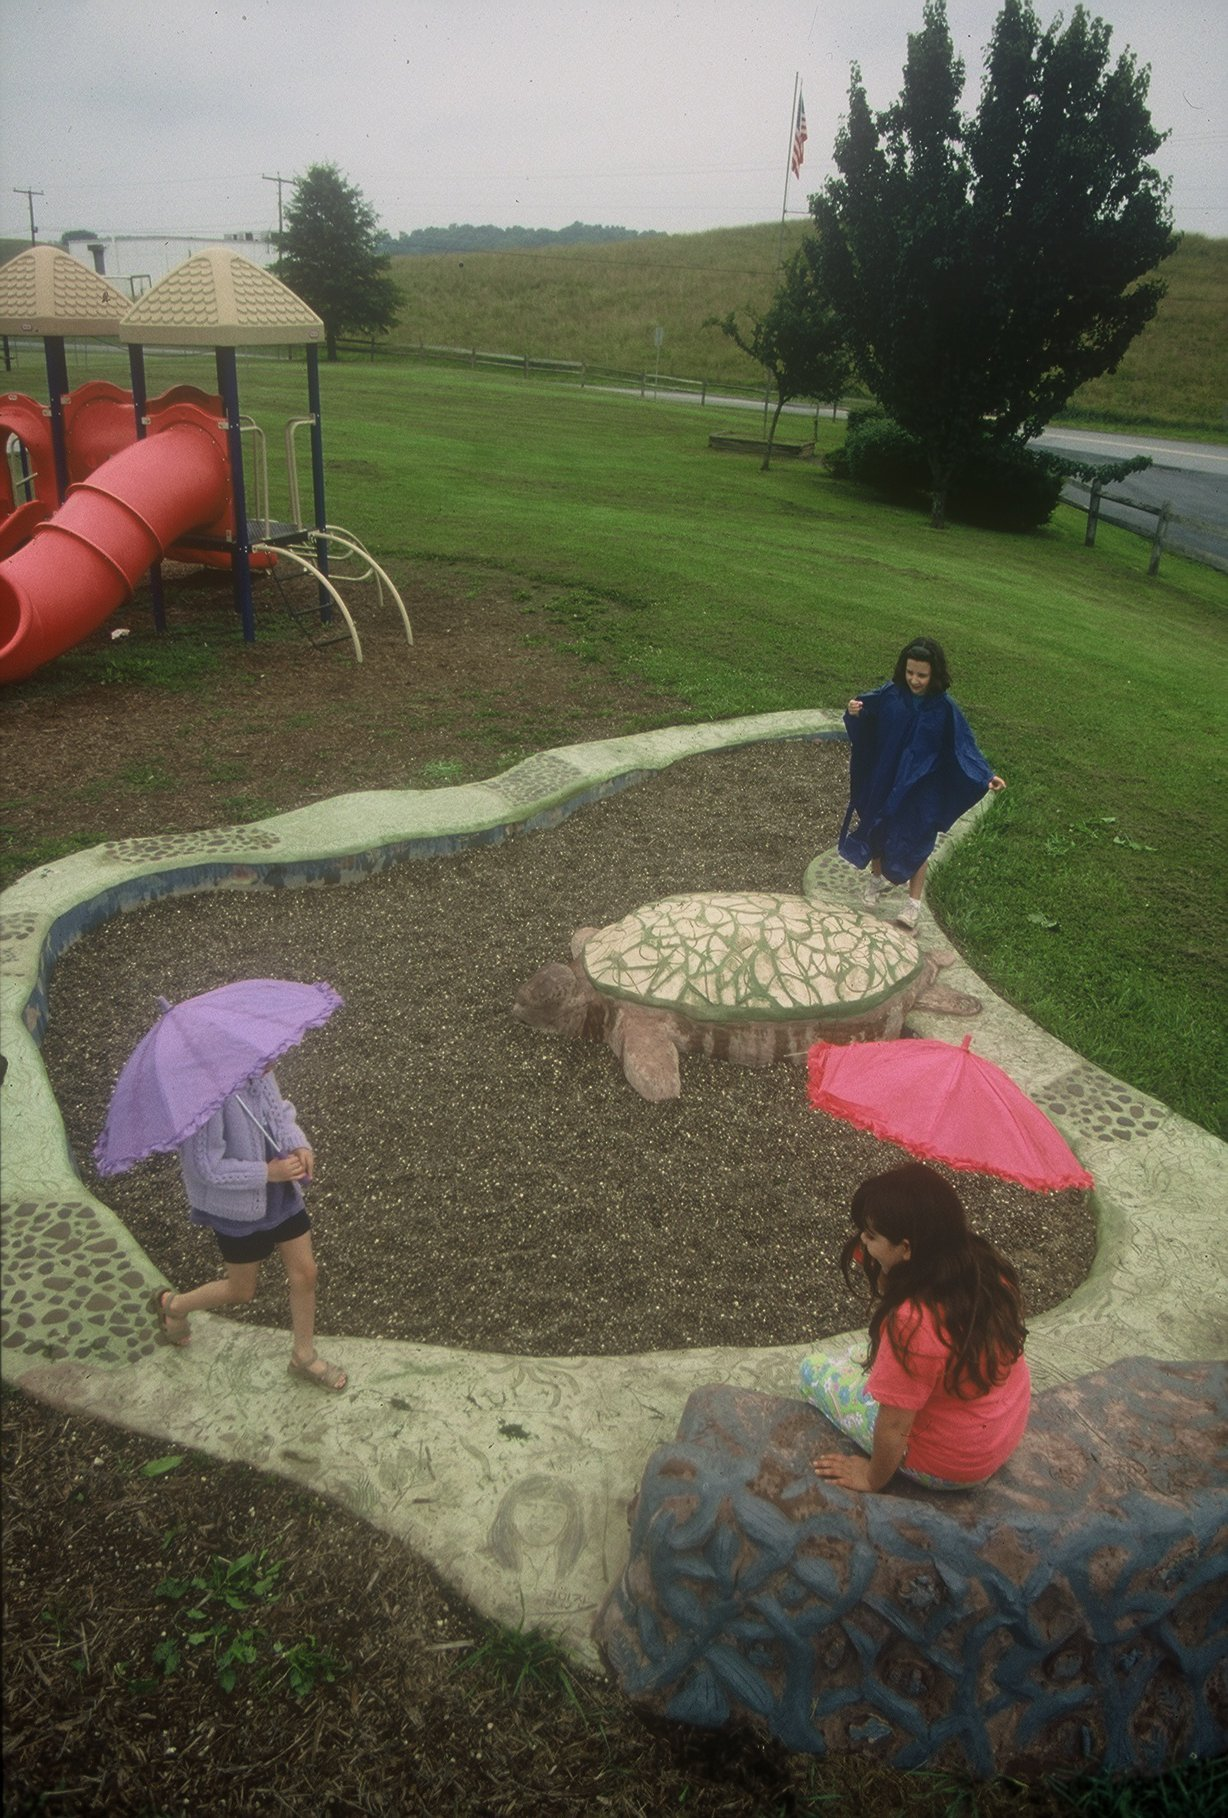 Turtle/Pond Play Area